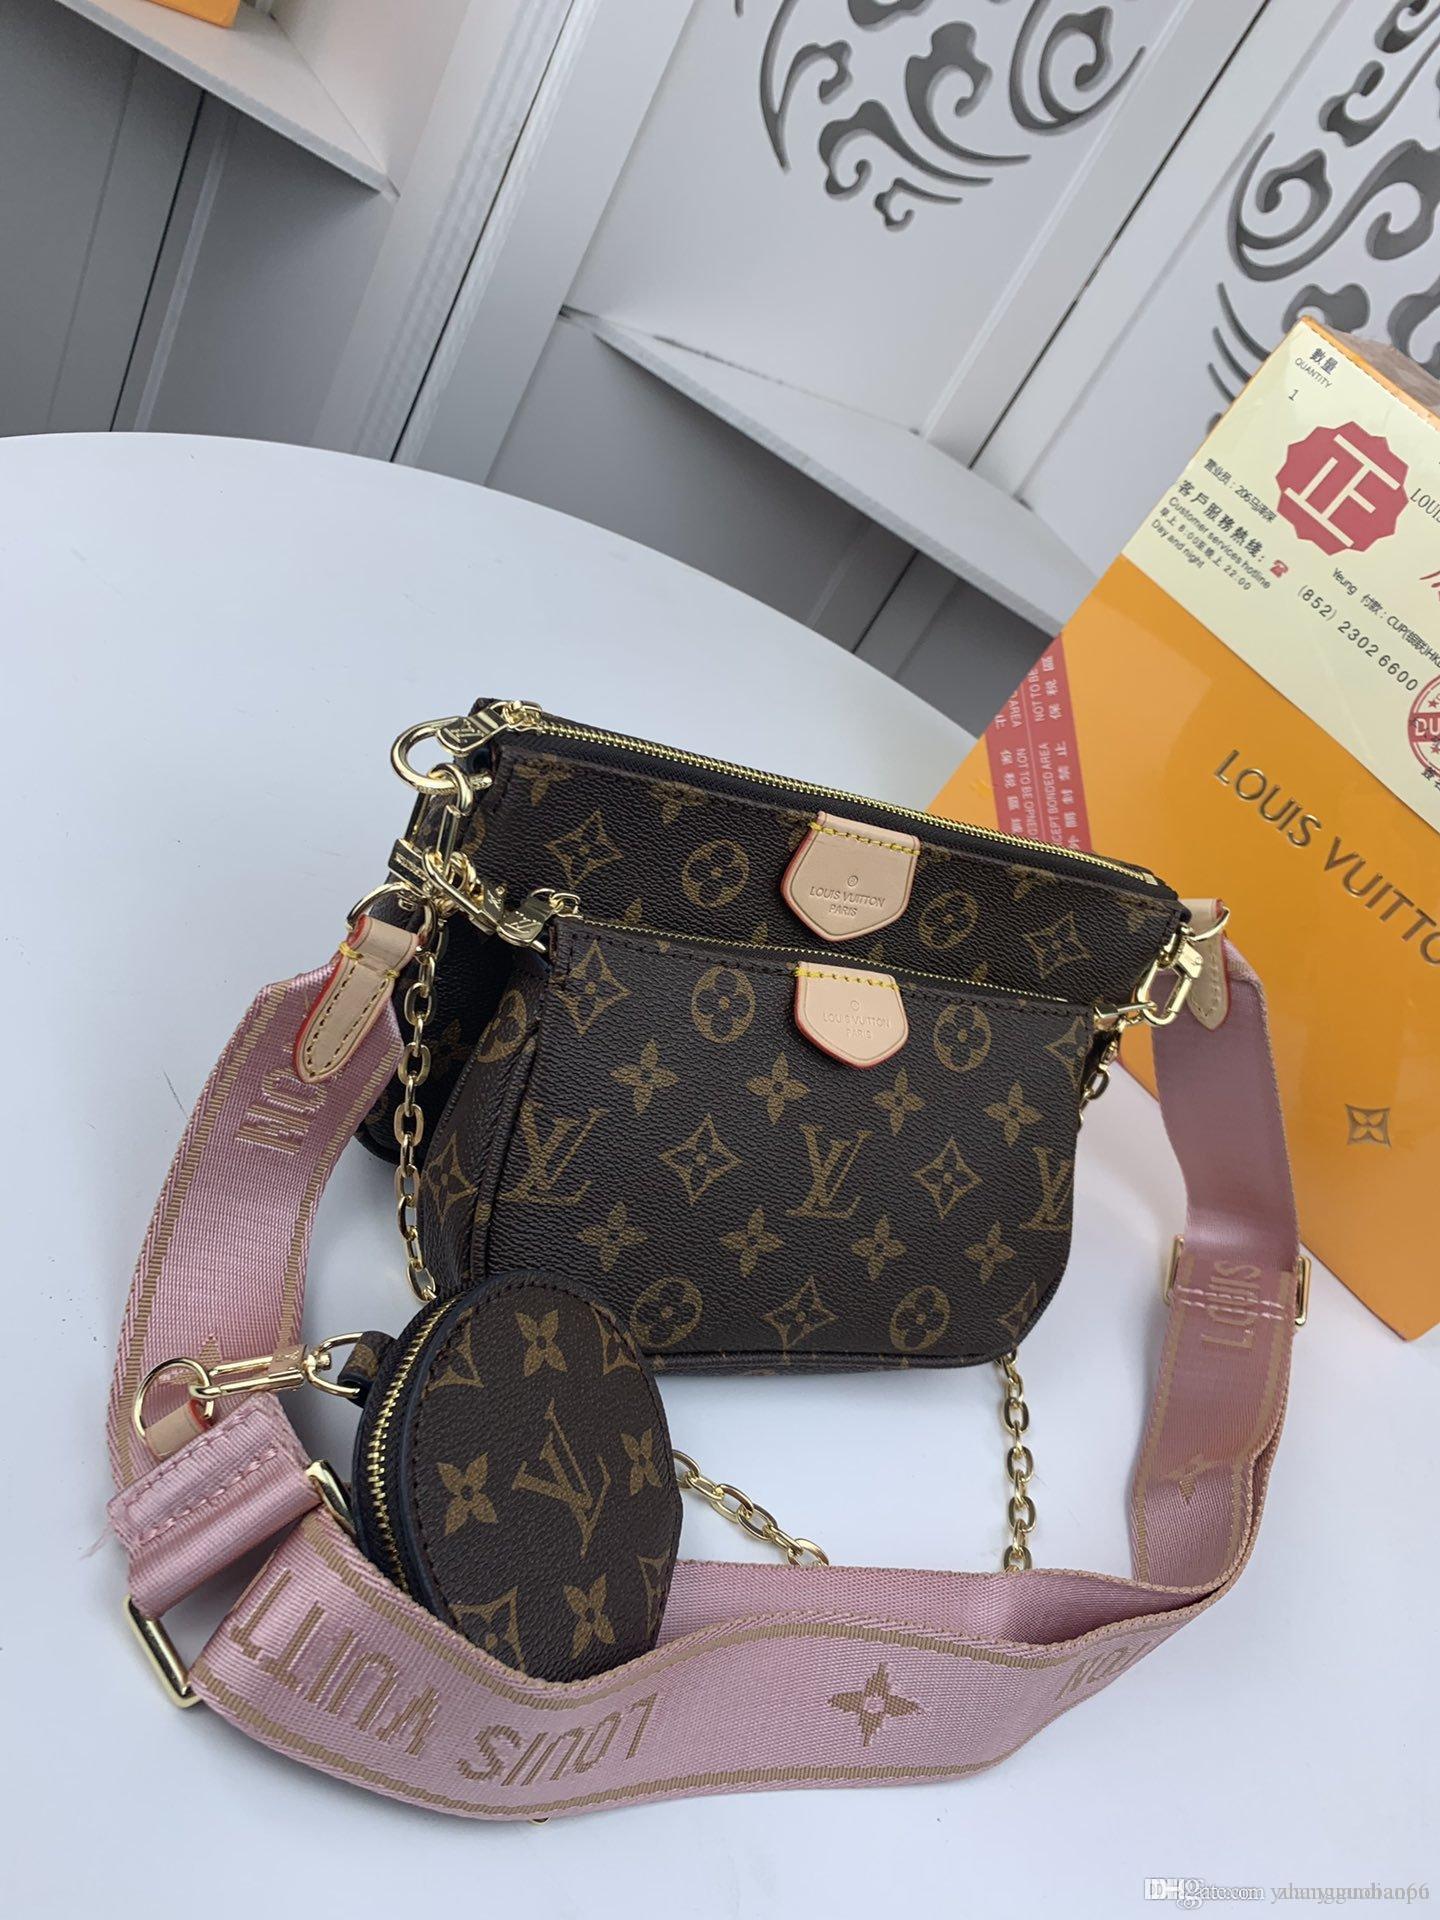 En kaliteli kadın üç parçalı çanta çanta yüksek deri moda kadın çanta size24.0 * * 4.5 13.0 / 19.5 * 11.0 * 4.0 / 9.5 * 2.0cm M4482